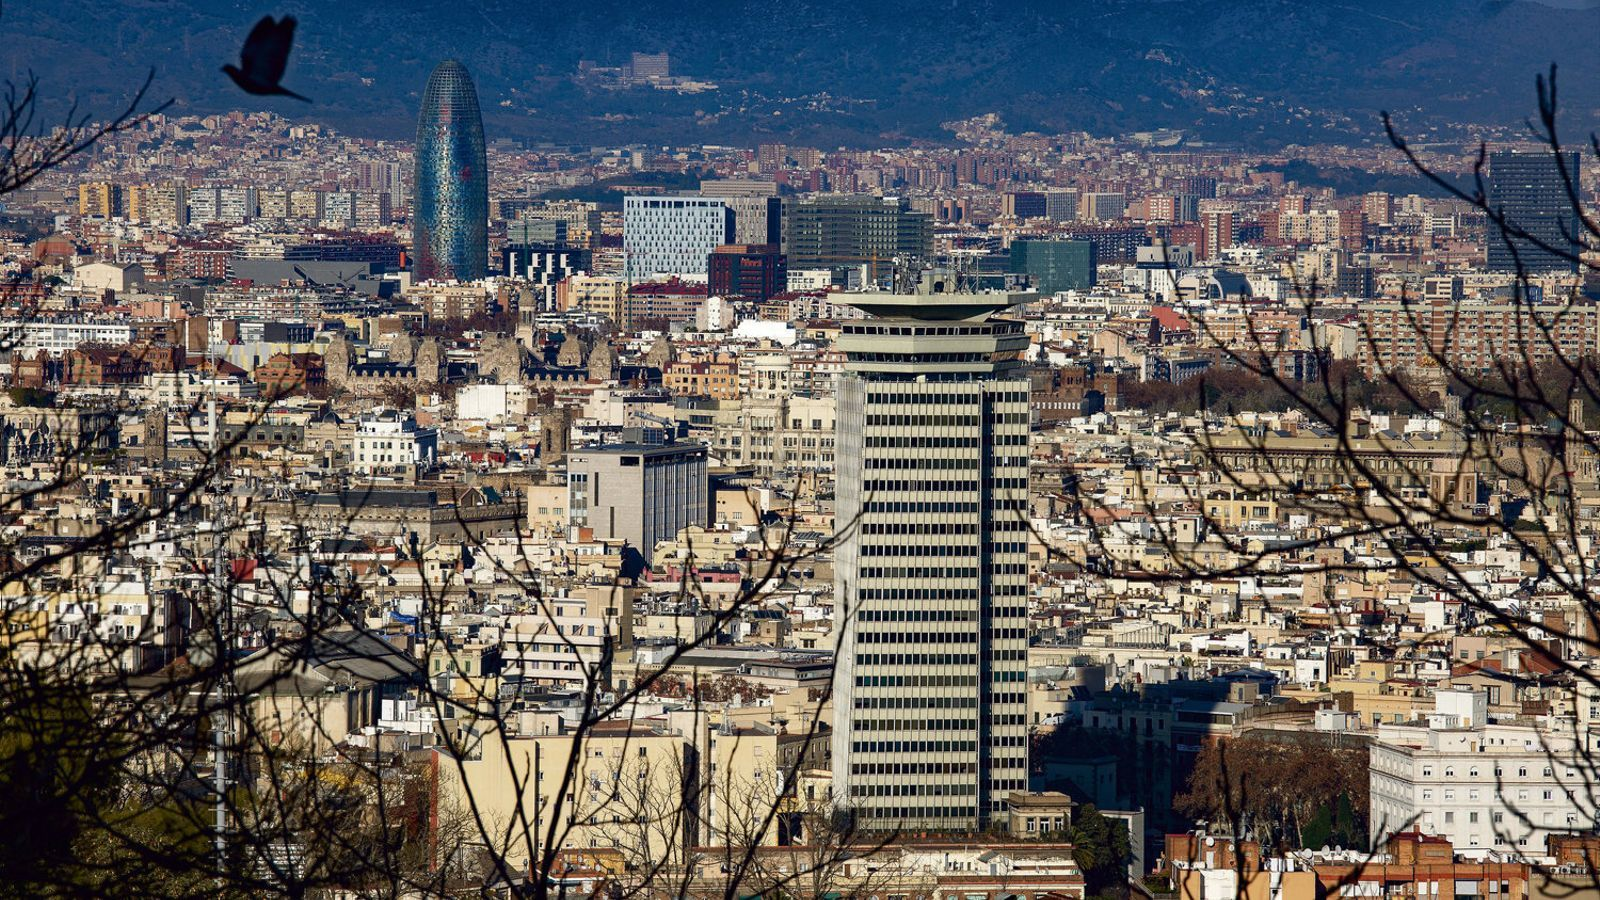 Les multinacionals disparen el lloguer d'oficines a Barcelona